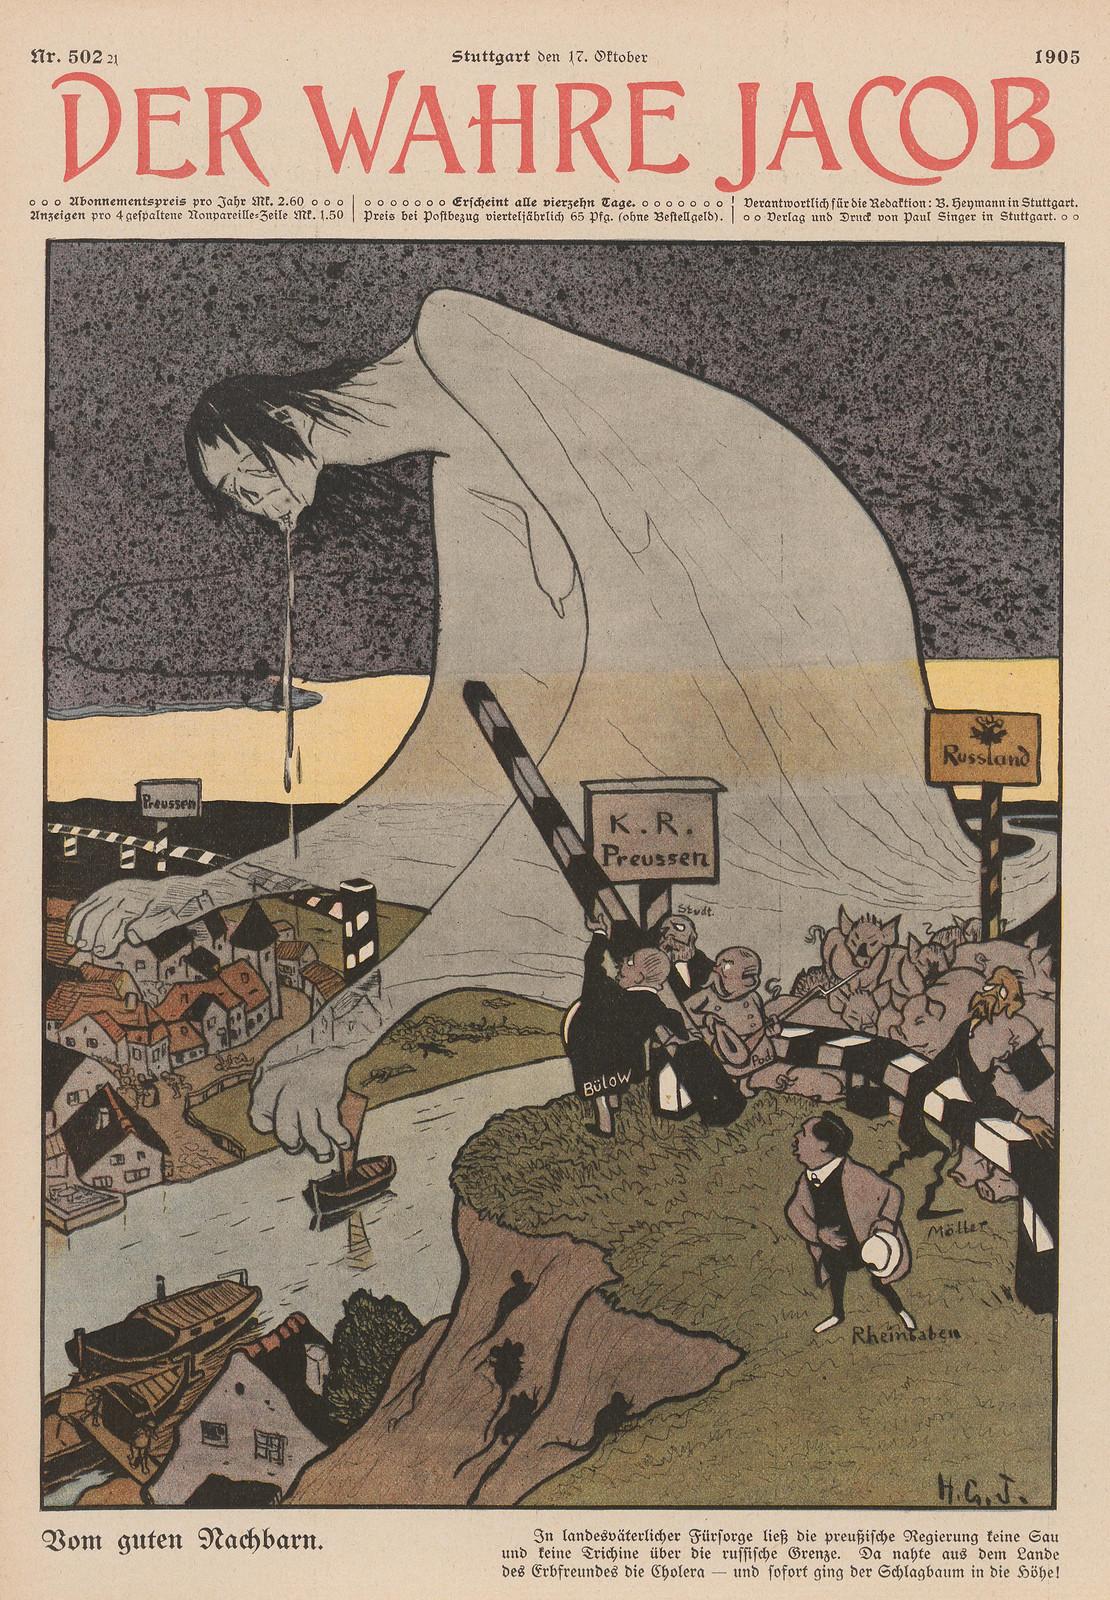 Hans Gabriel Jentzsch - From the good neighbor, 1905